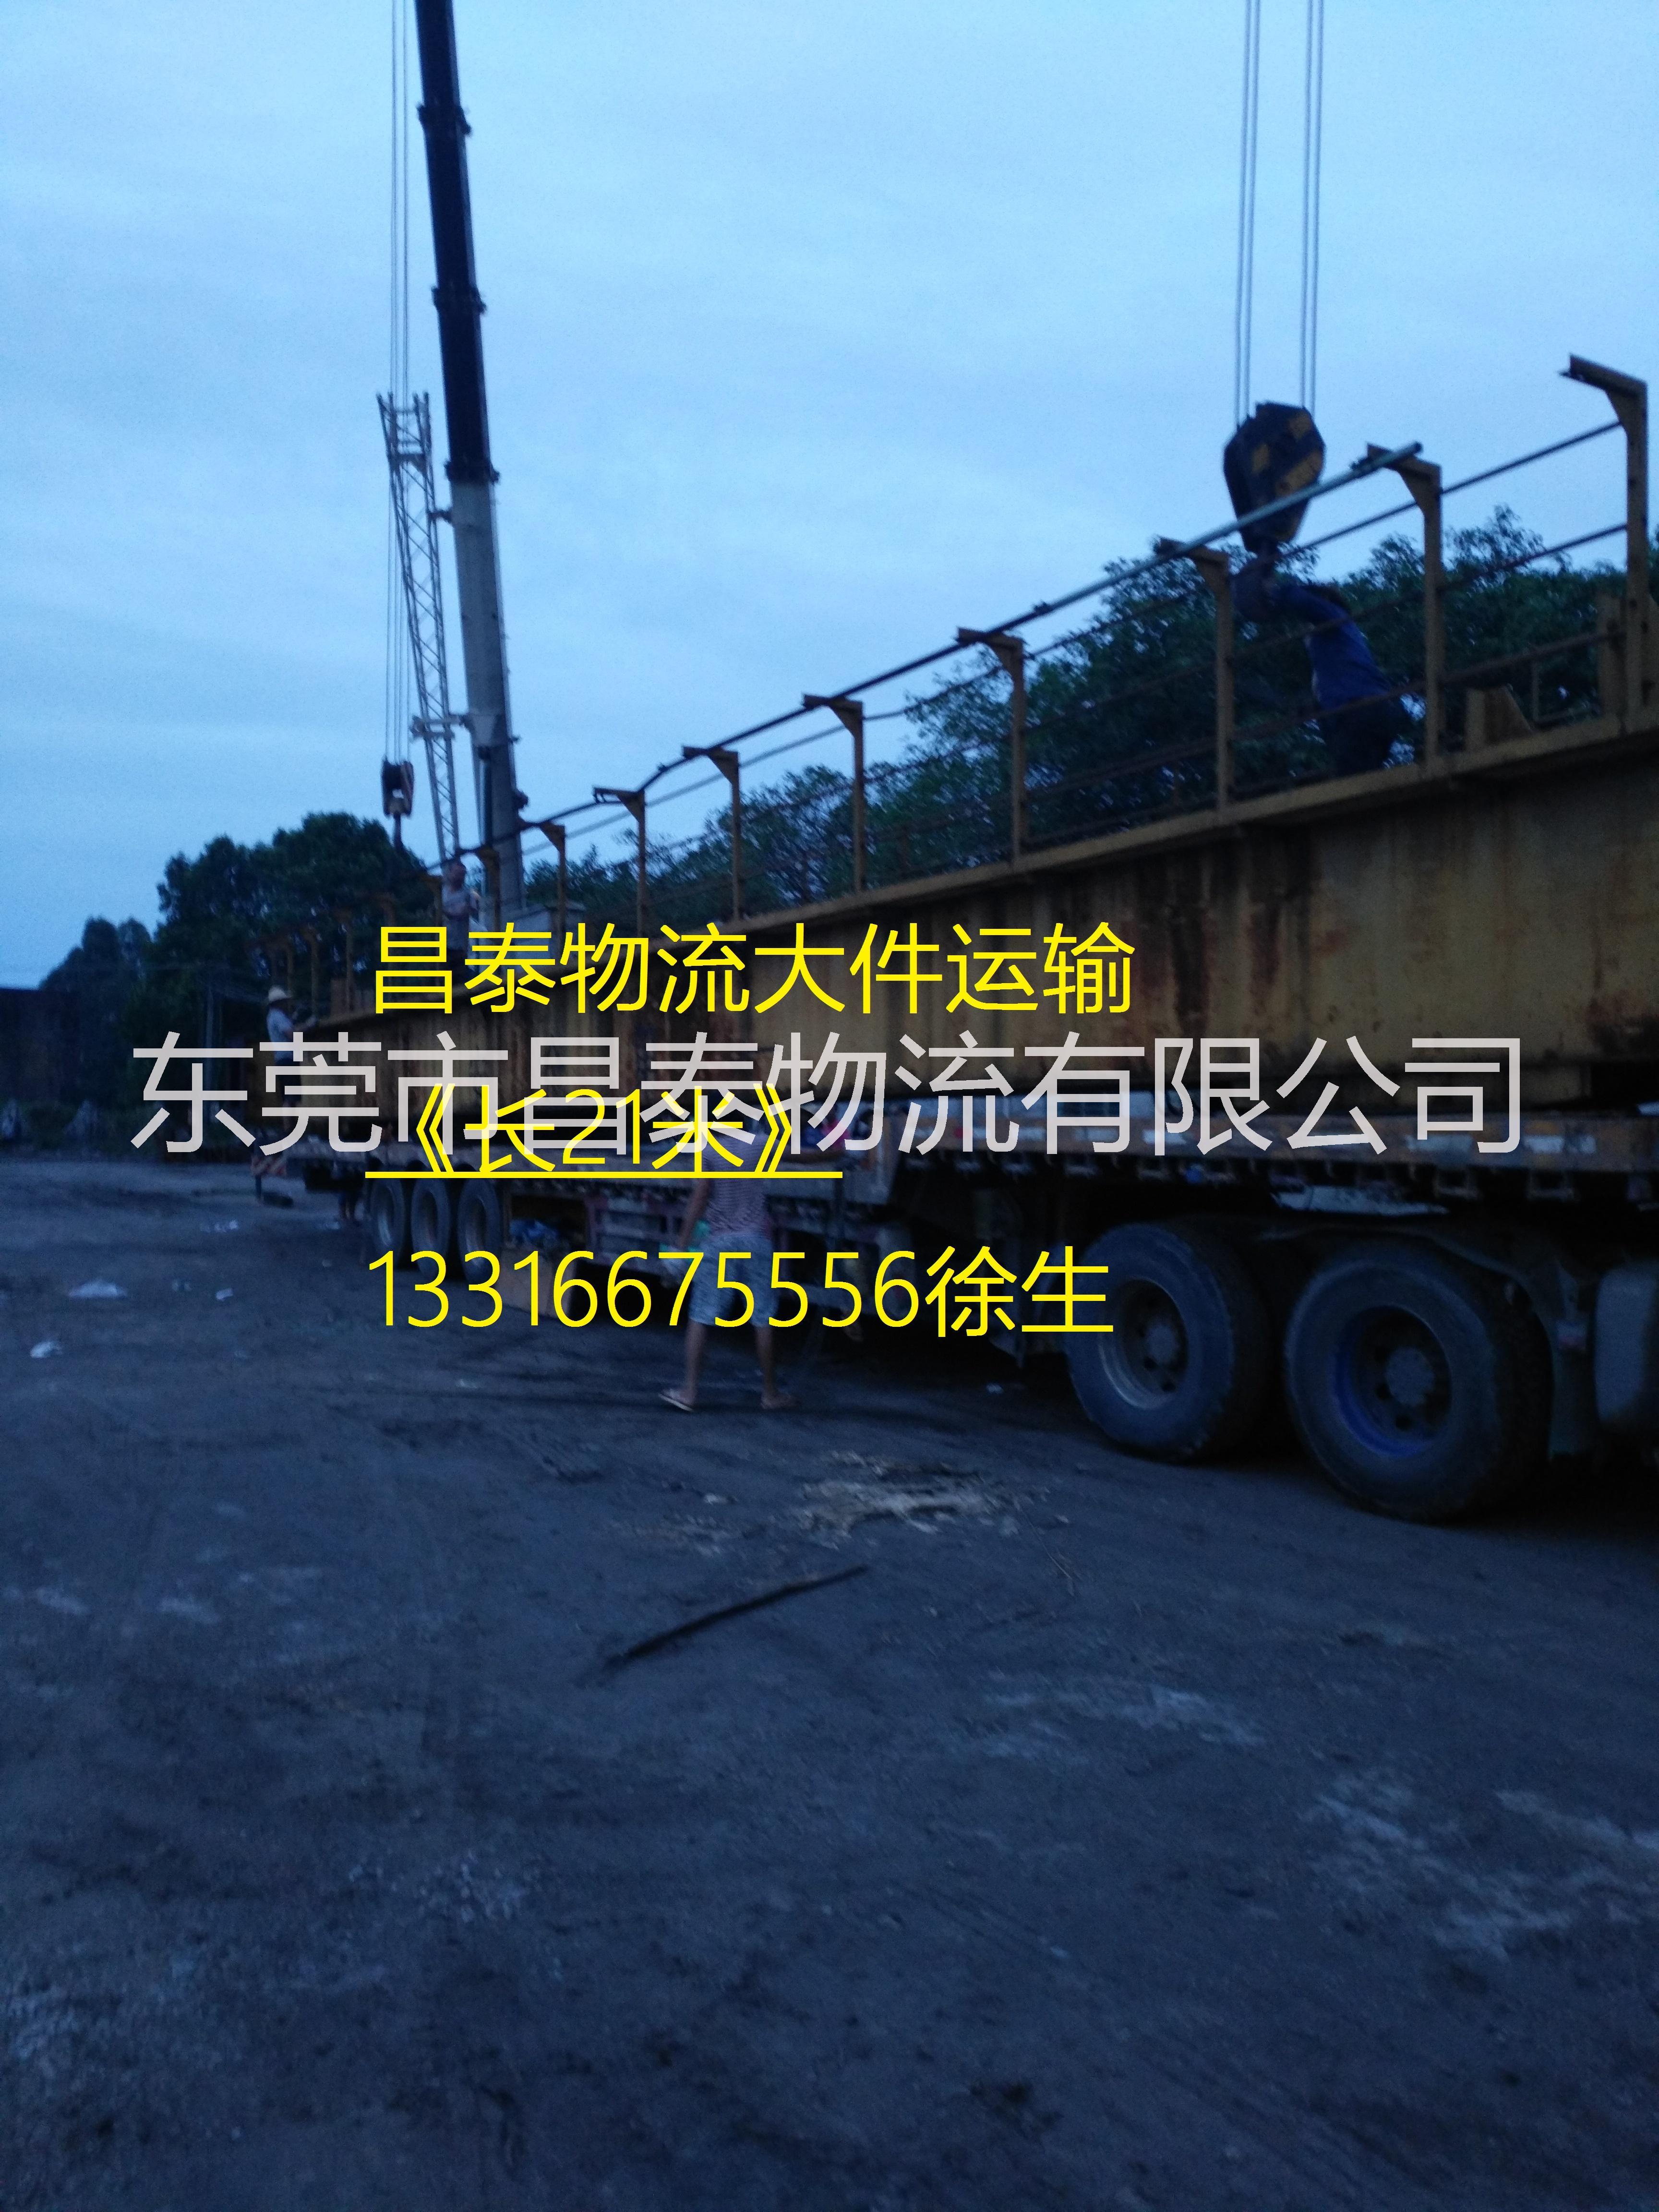 东莞至云南专线物流 国内物流  搬 厂搬家 摩托车托运 零担货物运输